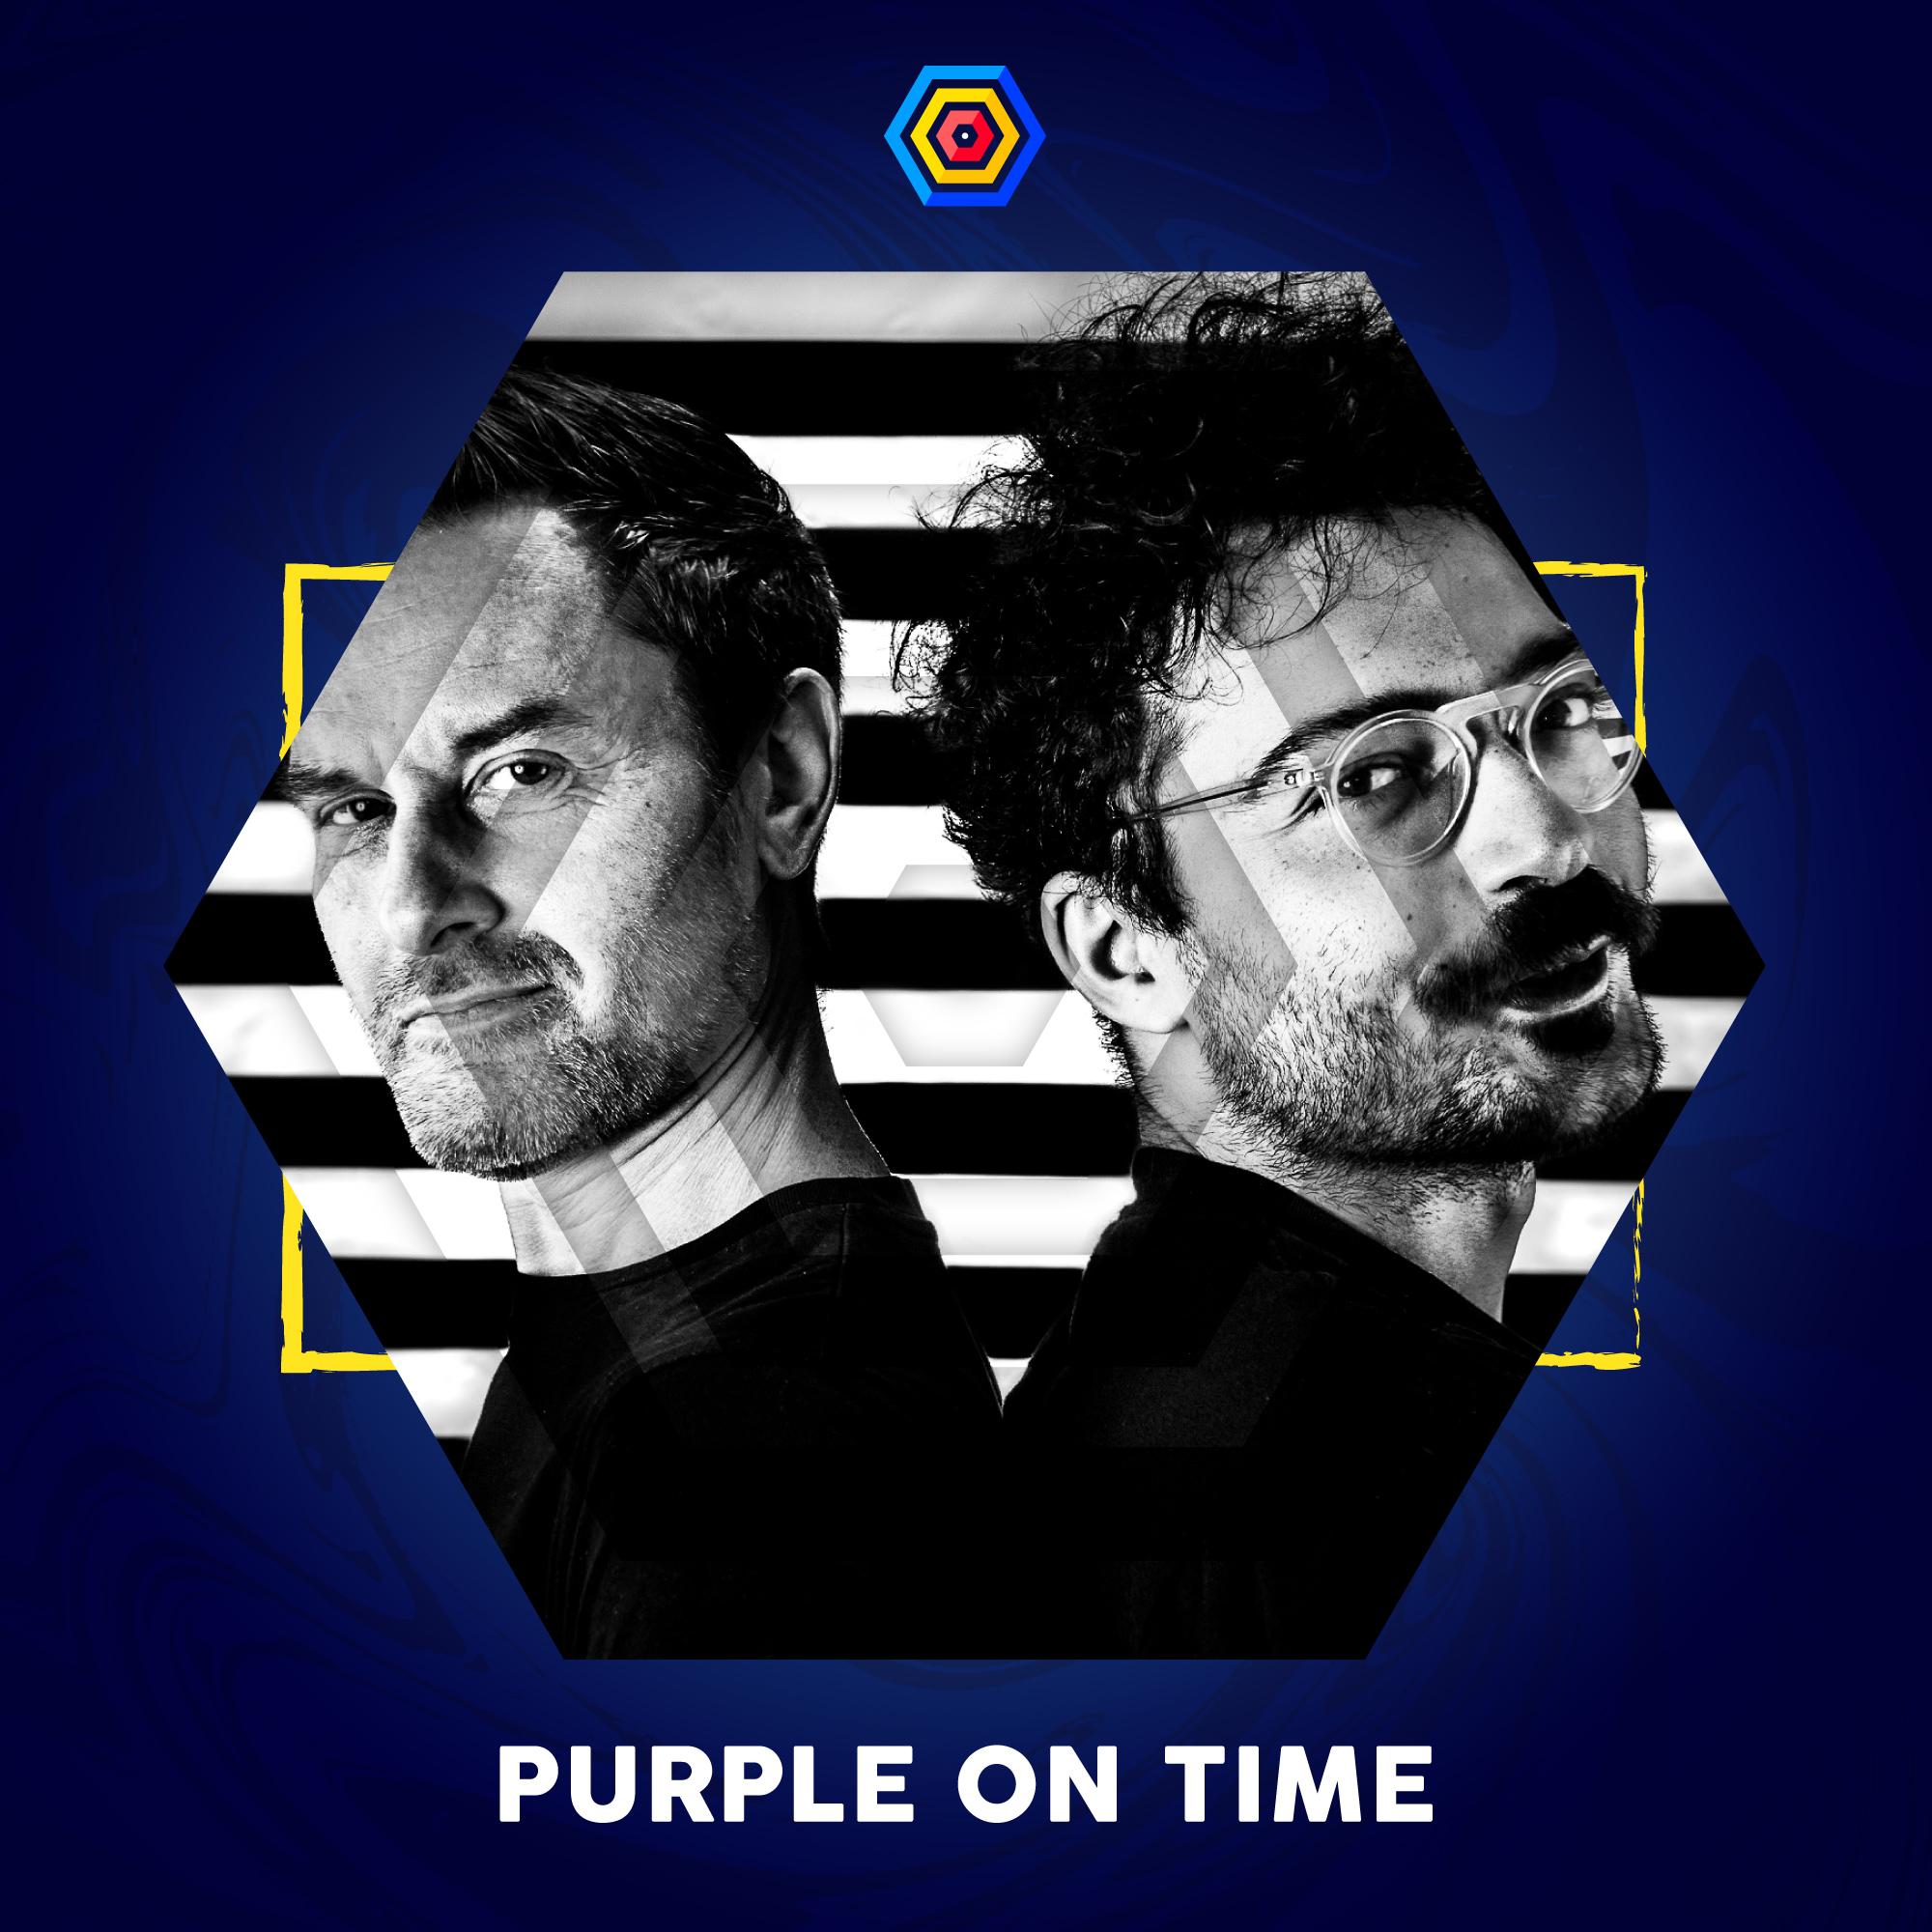 Purple-on-time